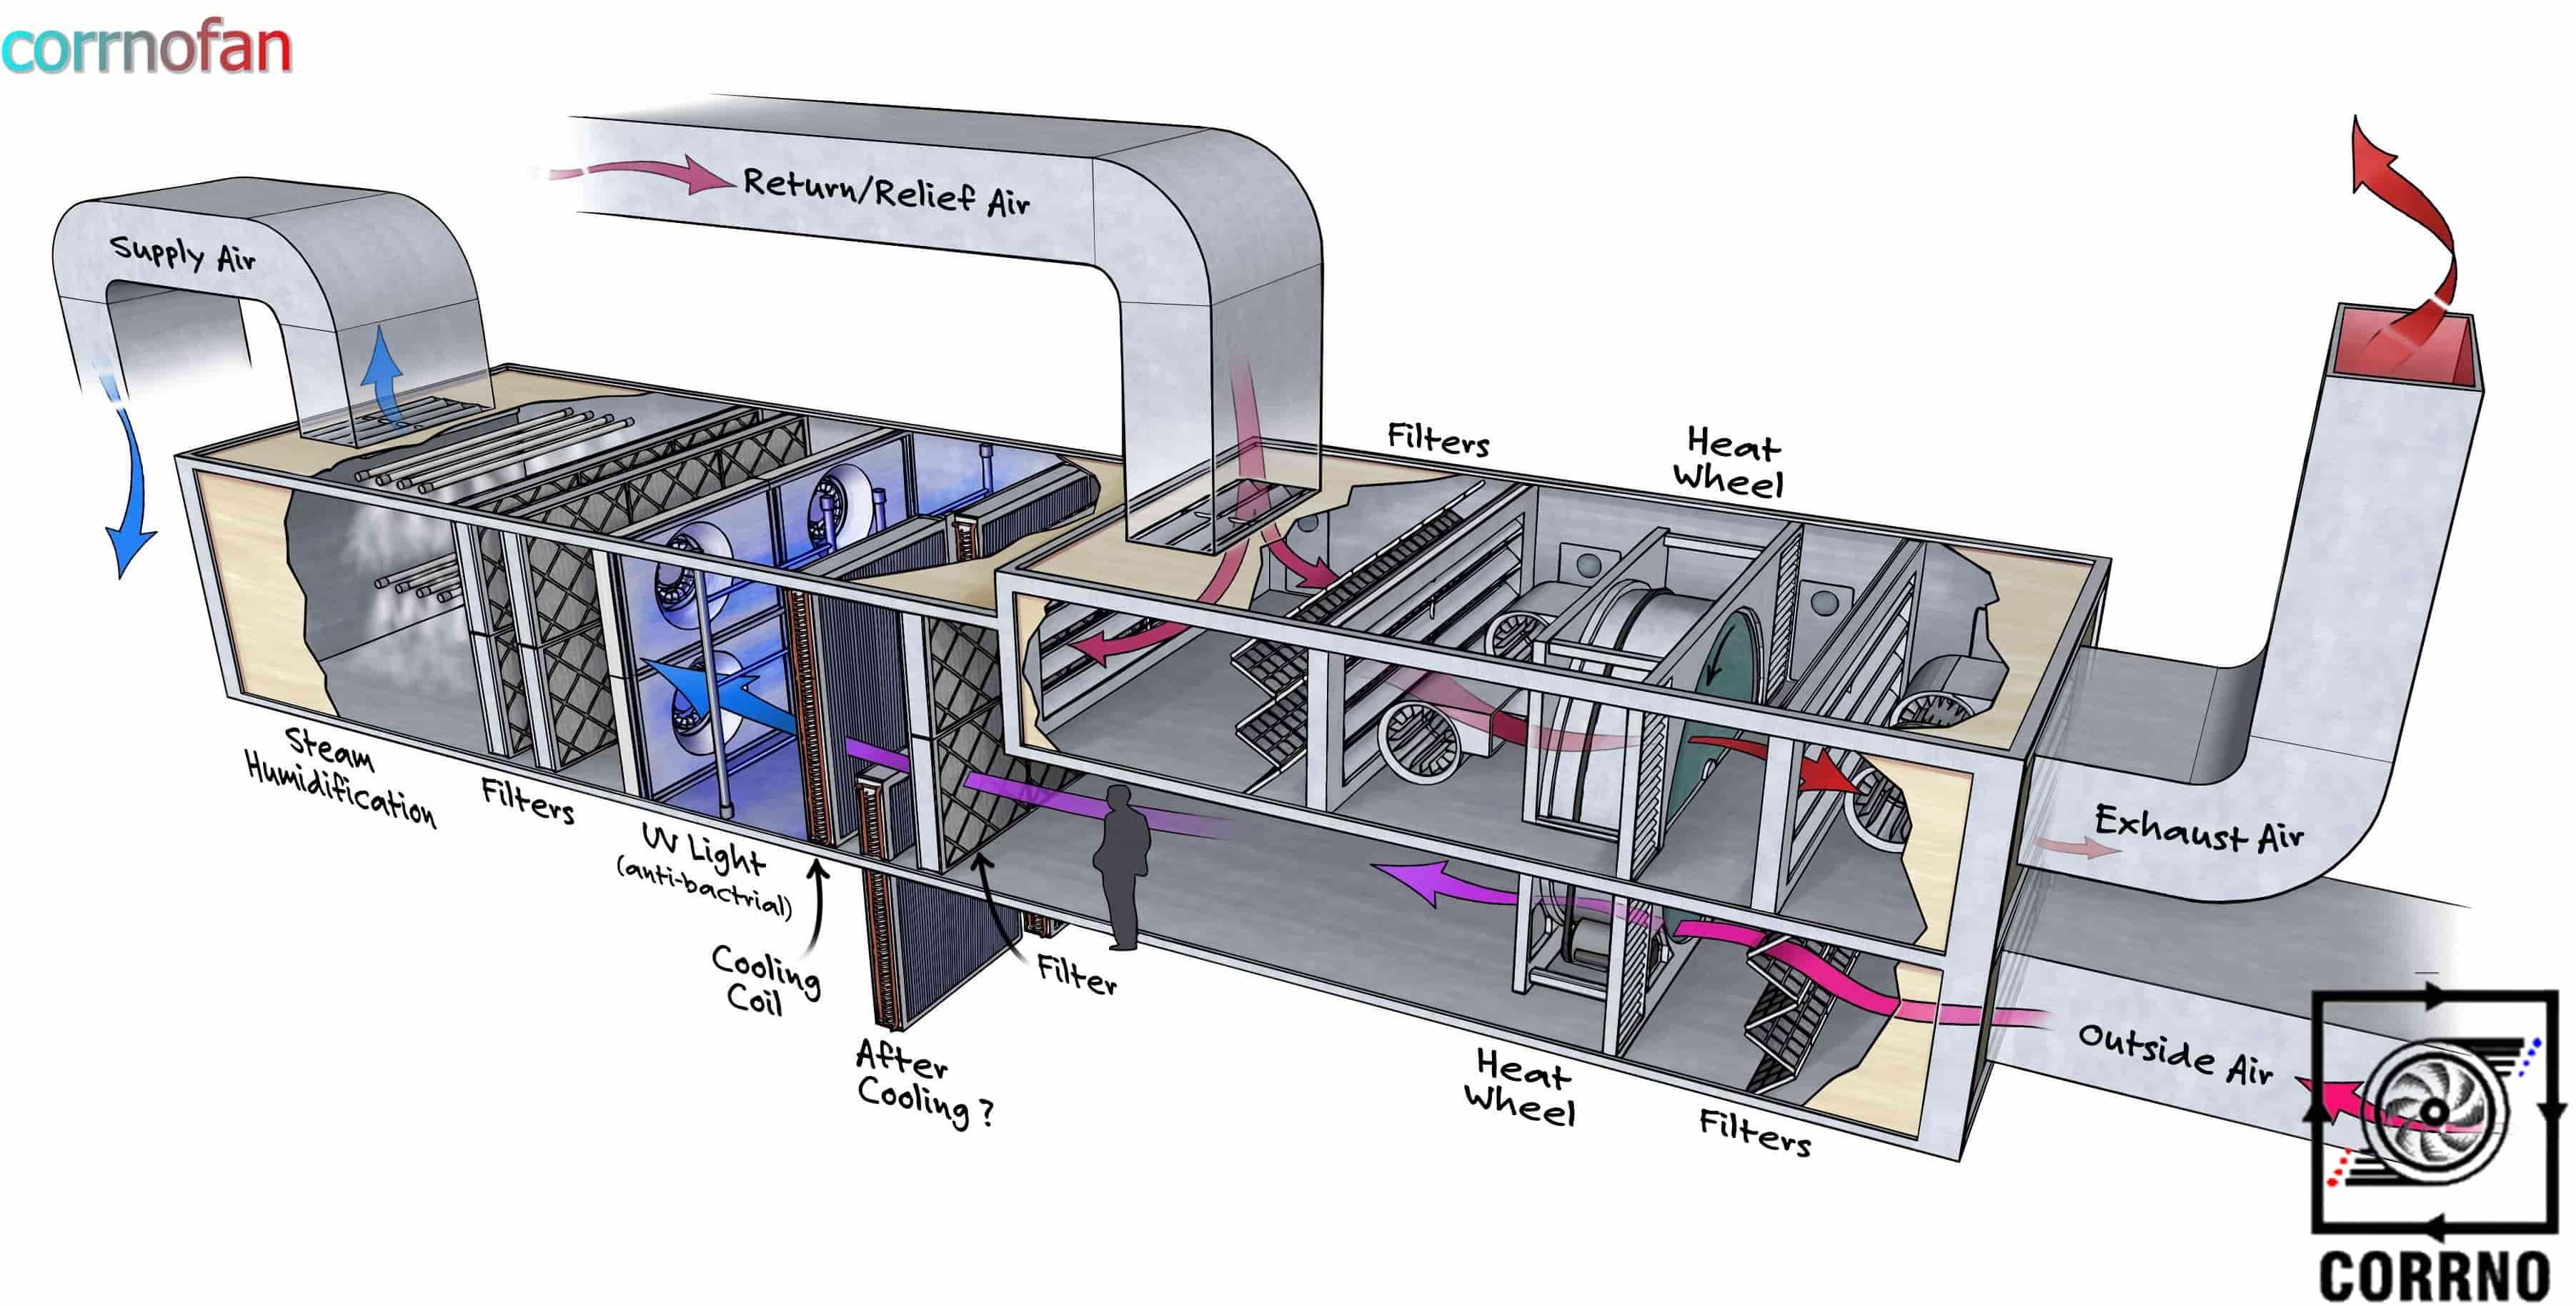 جزِئیات هواساز استخری-کارنو فن